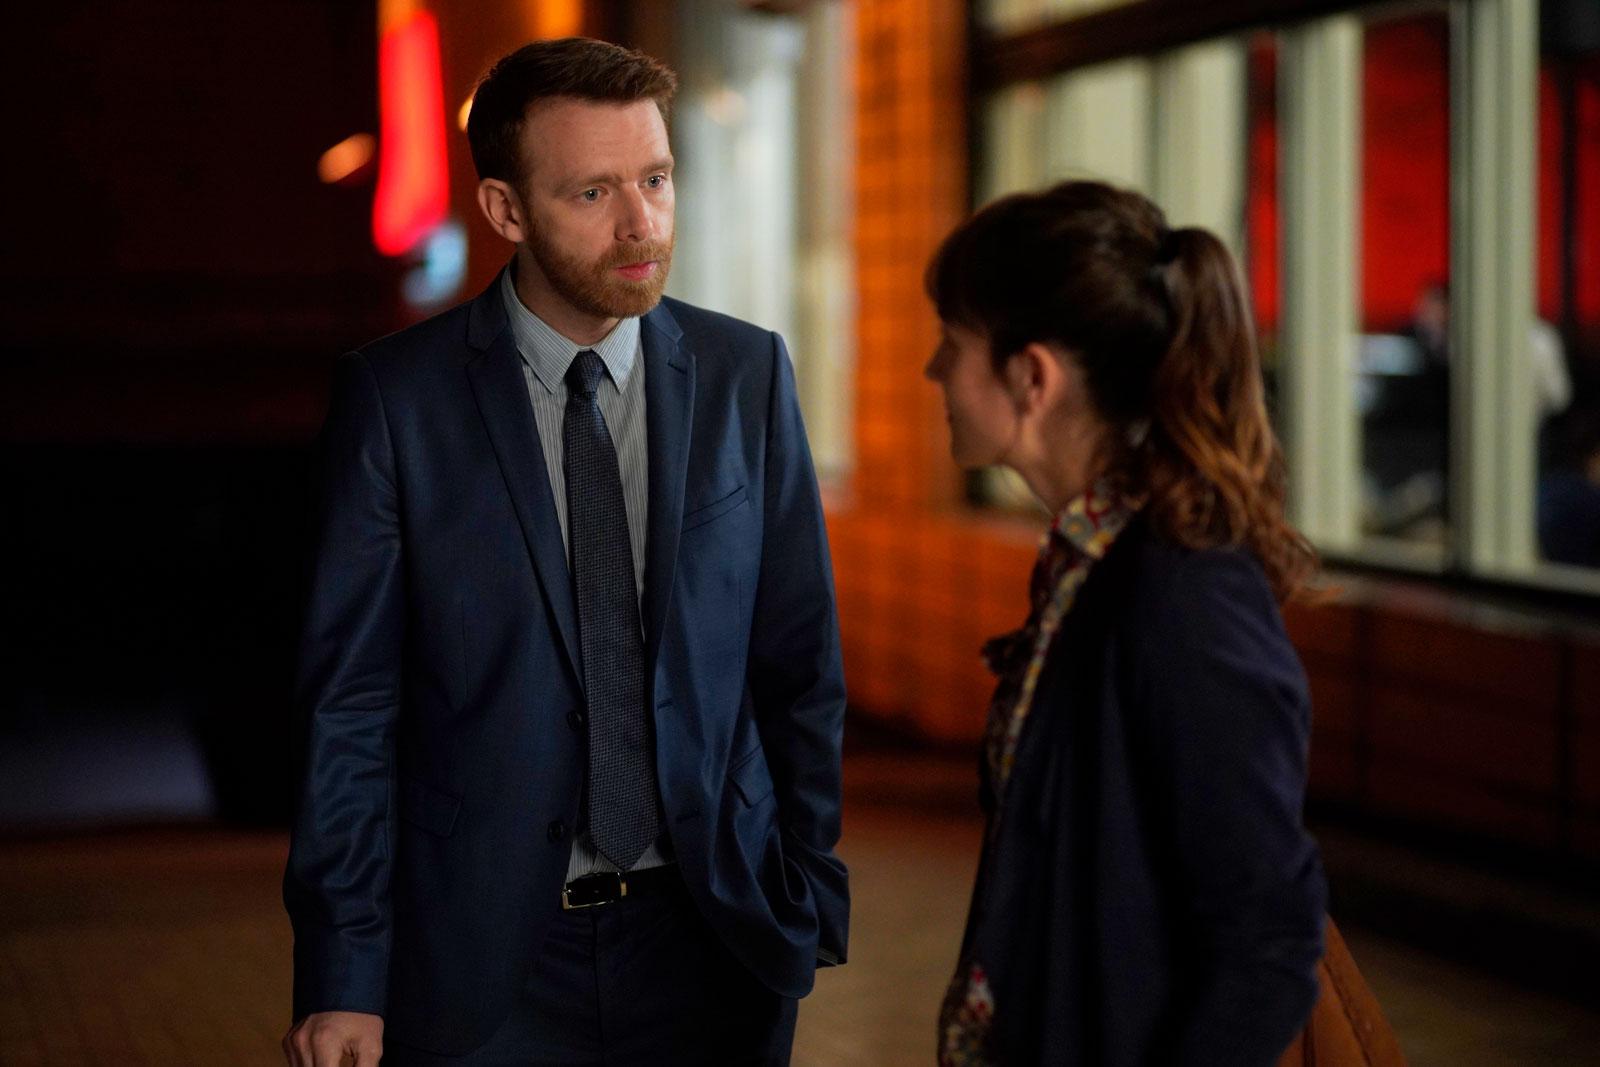 Alice et le maire - Photo Anaïs Demoustier, Antoine Reinartz critique avis film cannes 2019